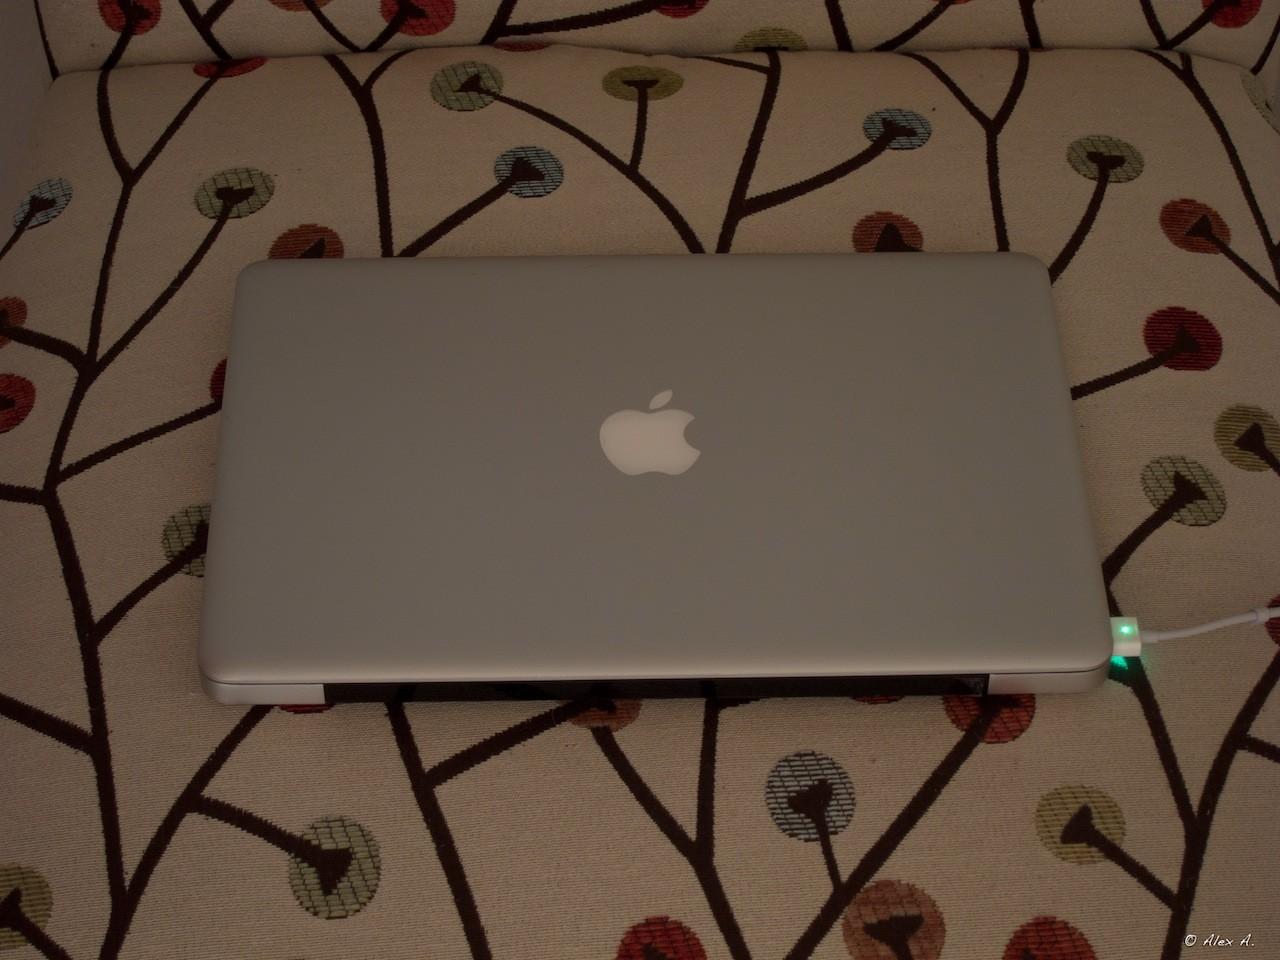 Apple_Before.jpg